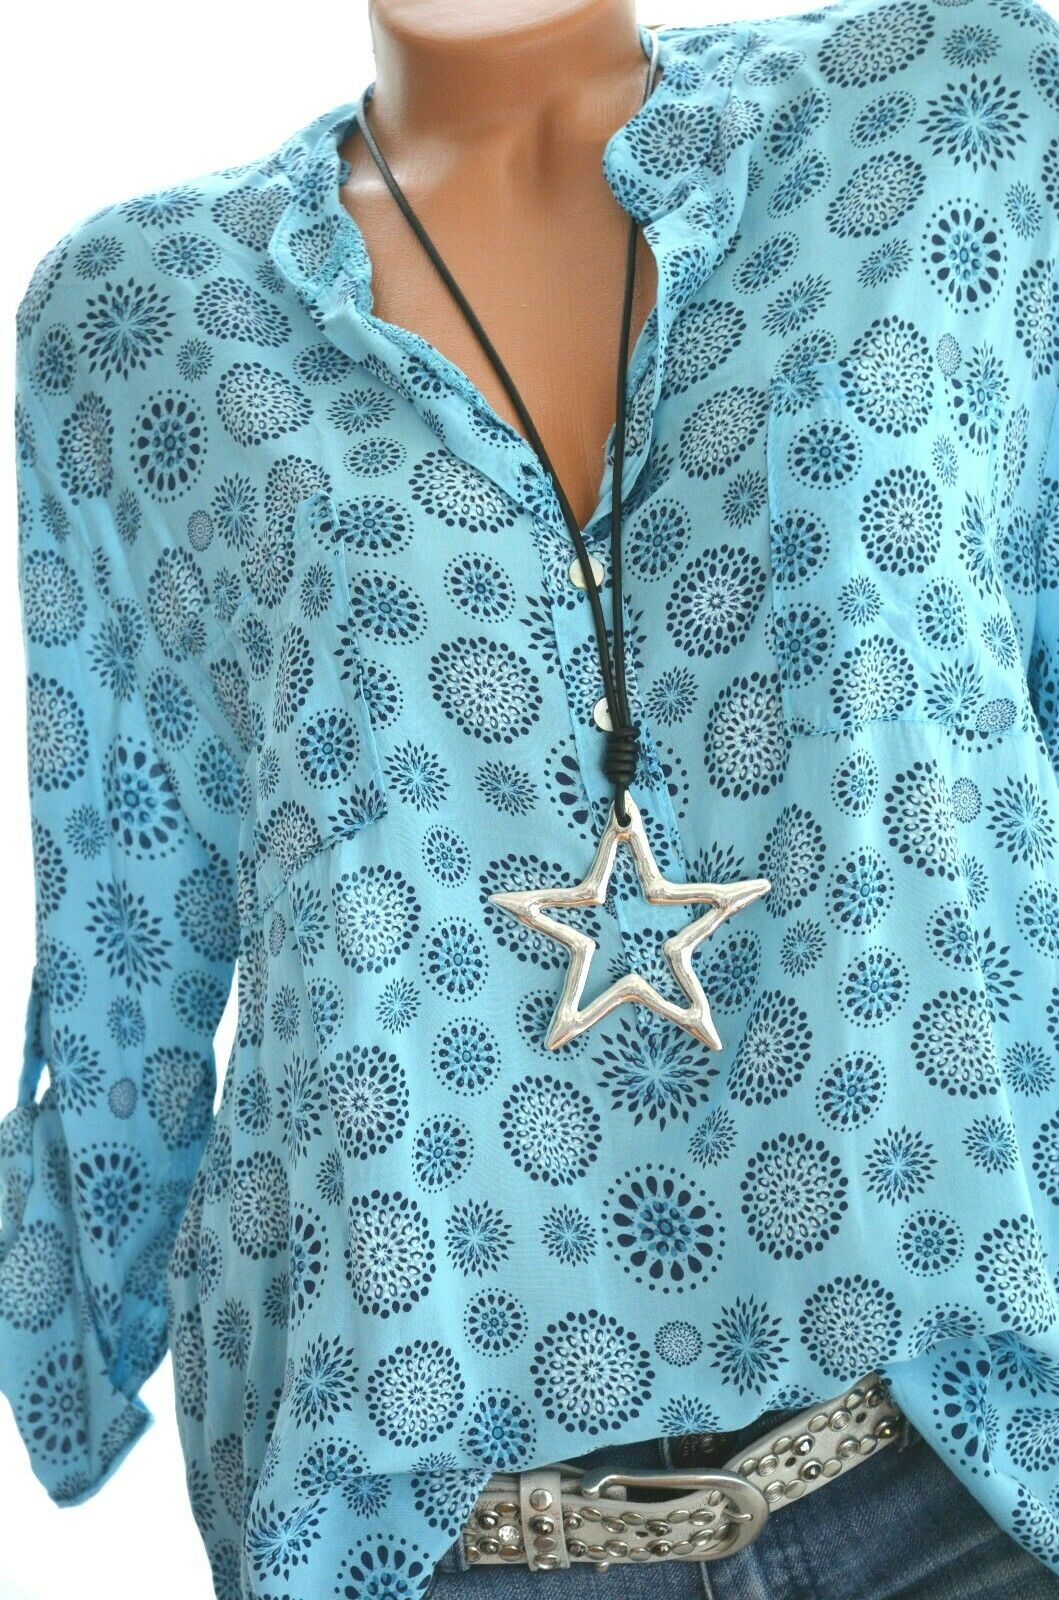 ITALY MODE  Leichte Bluse Damen Tunika Top Hemd Shirt Mandala Fischerhemd